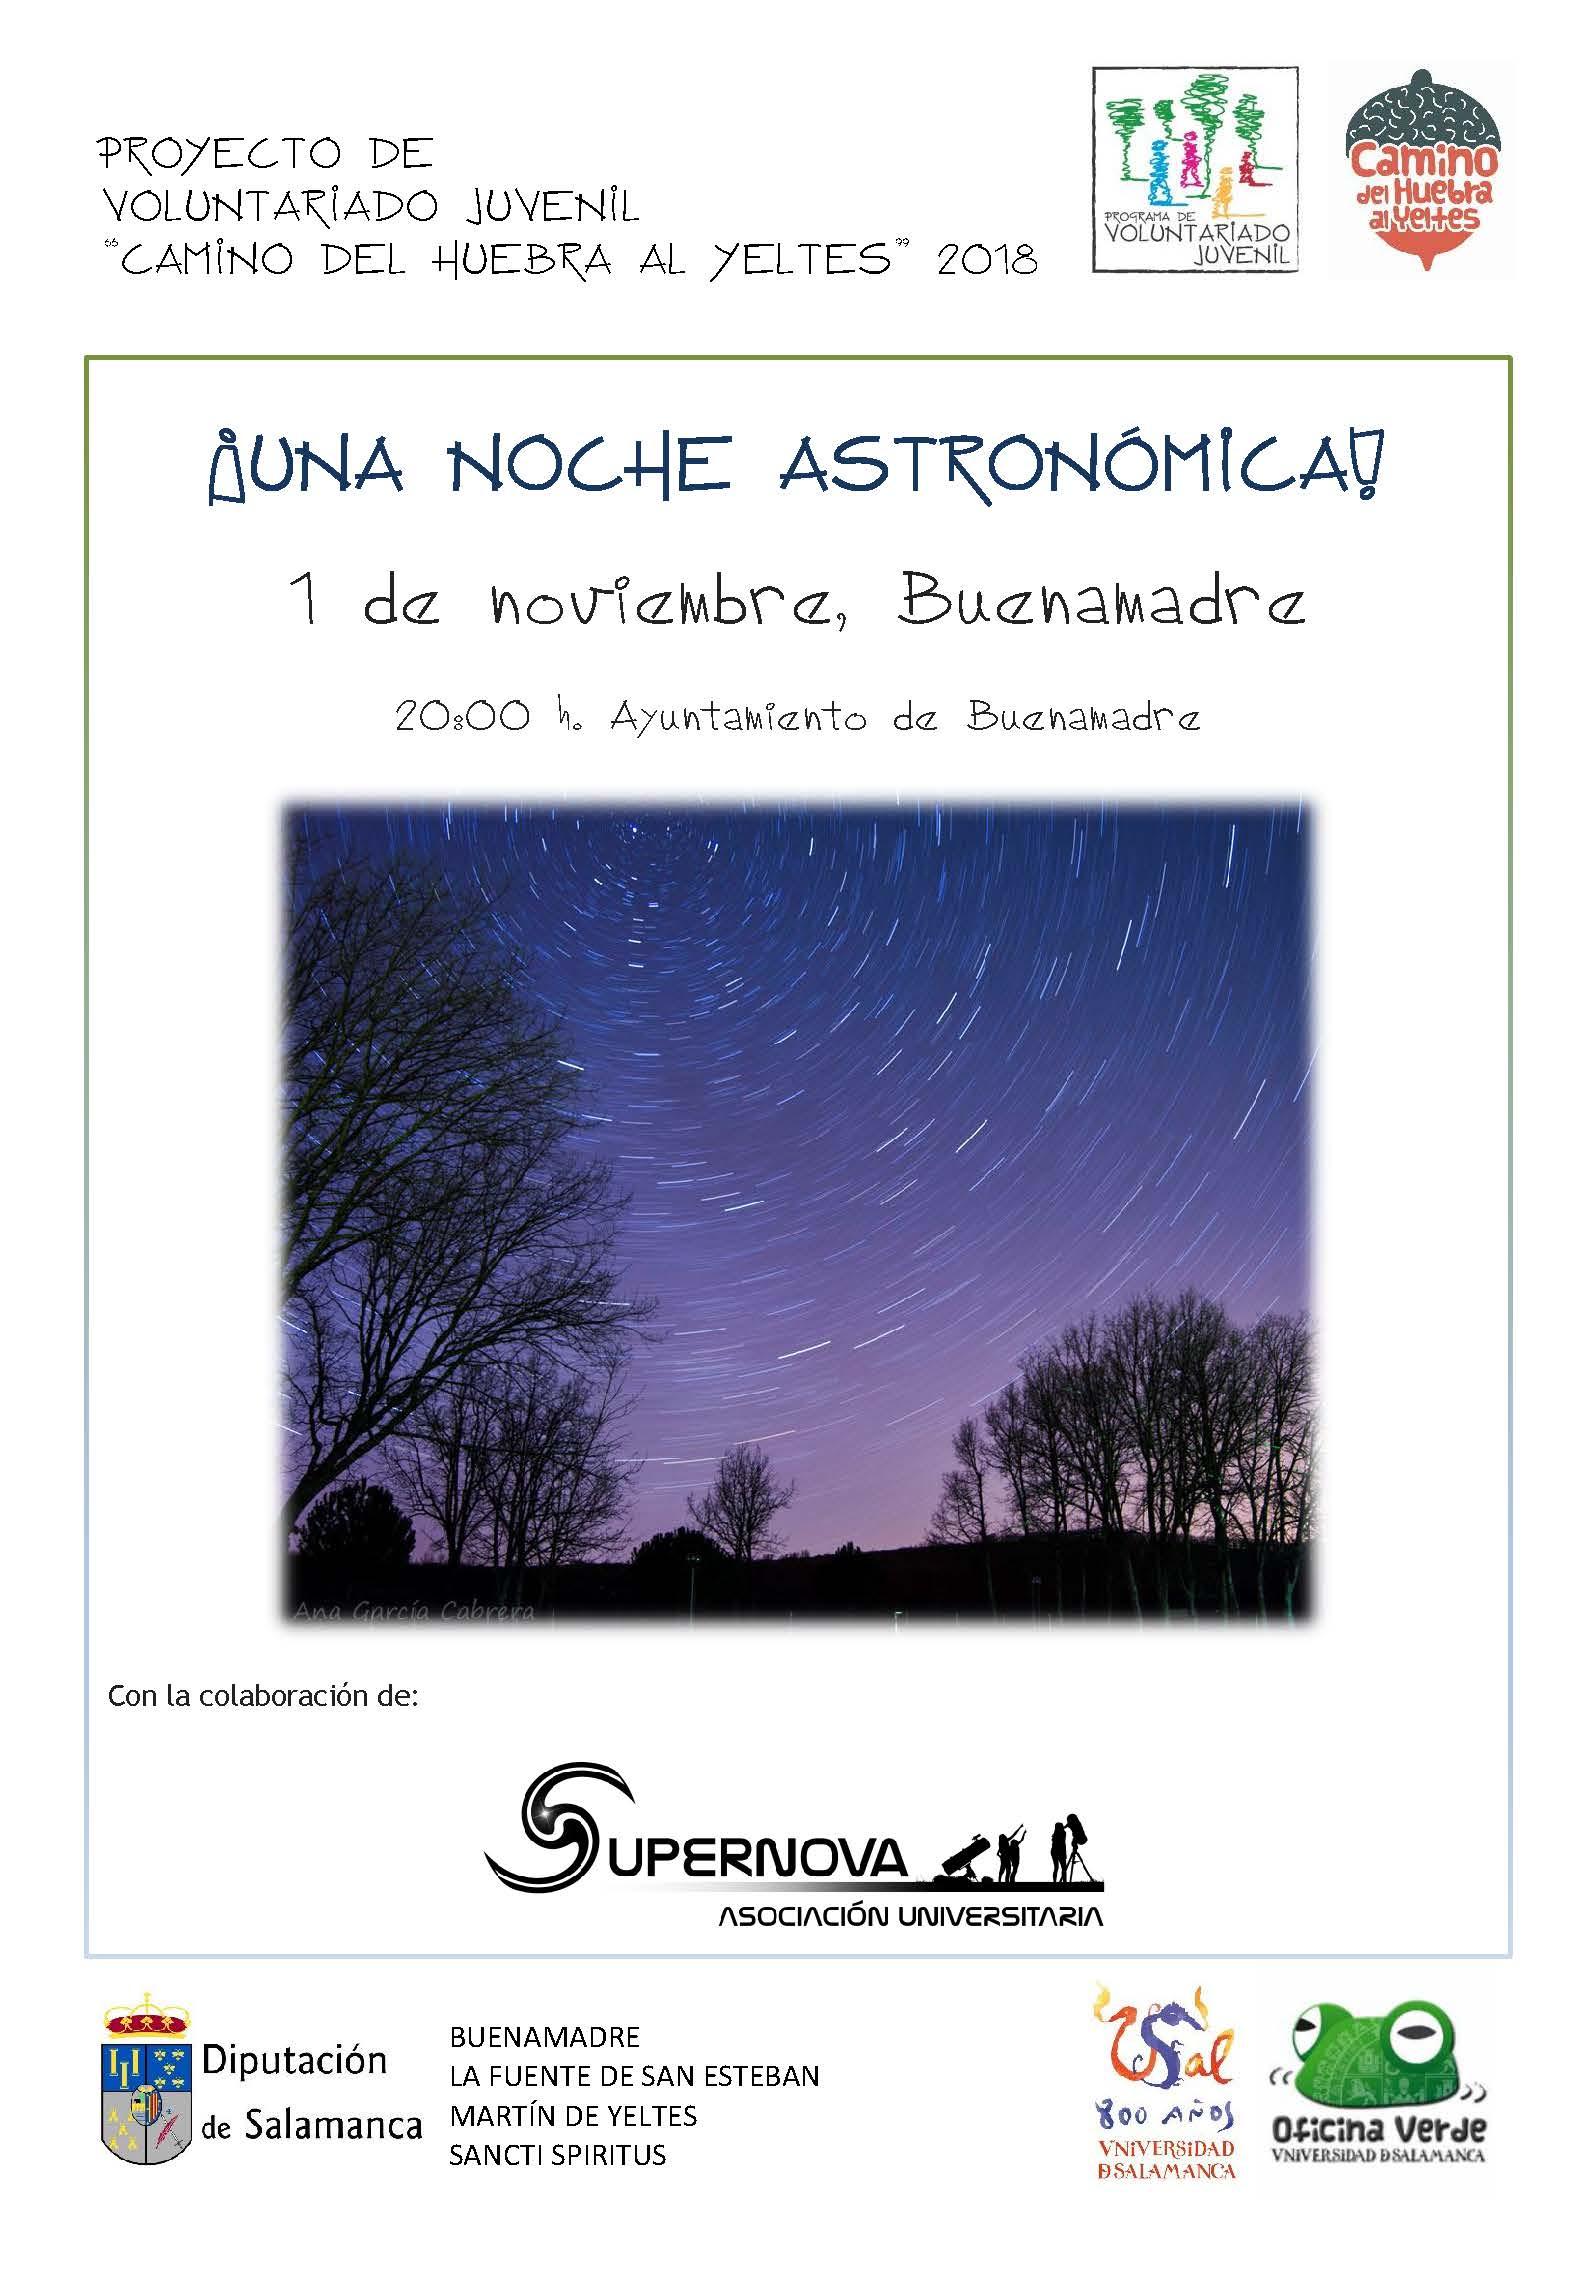 Una noche astronomica